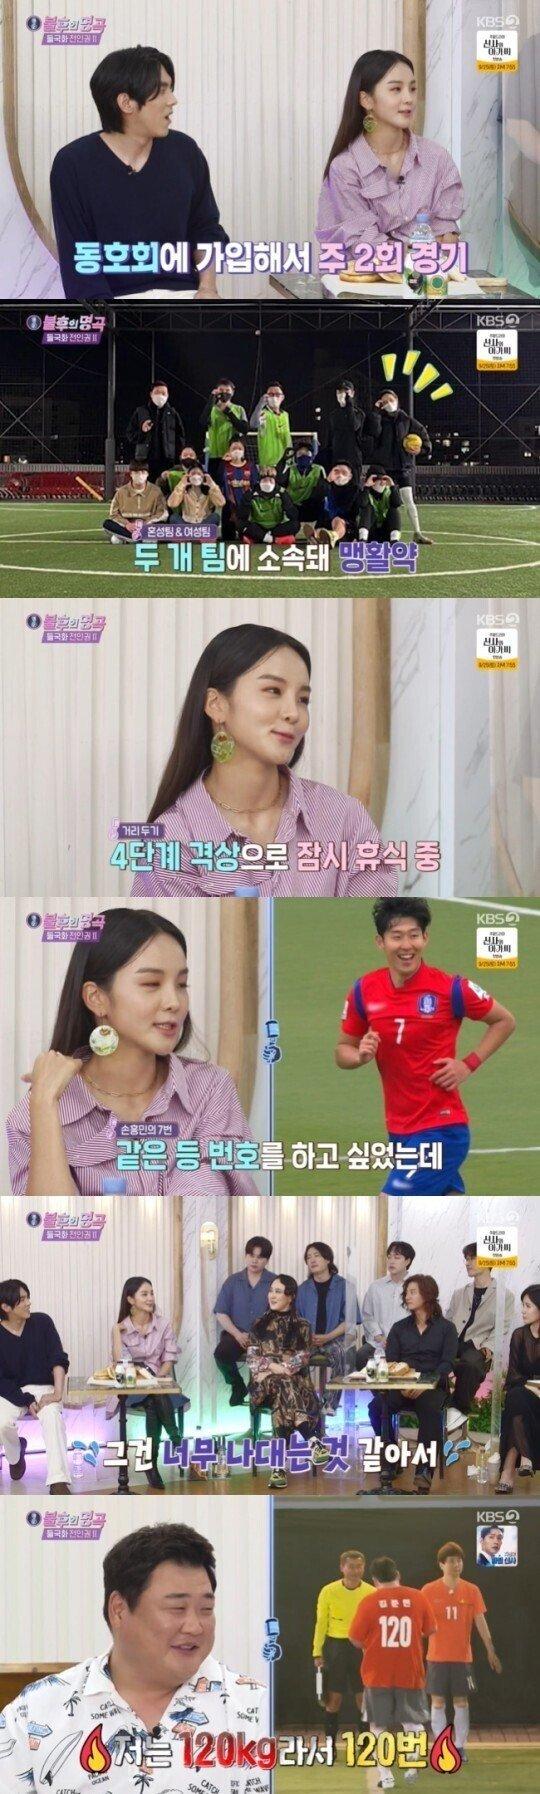 16323947875661.jpg 의외로 축구에 엄청나게 진심이라는 여자연예인.jpg